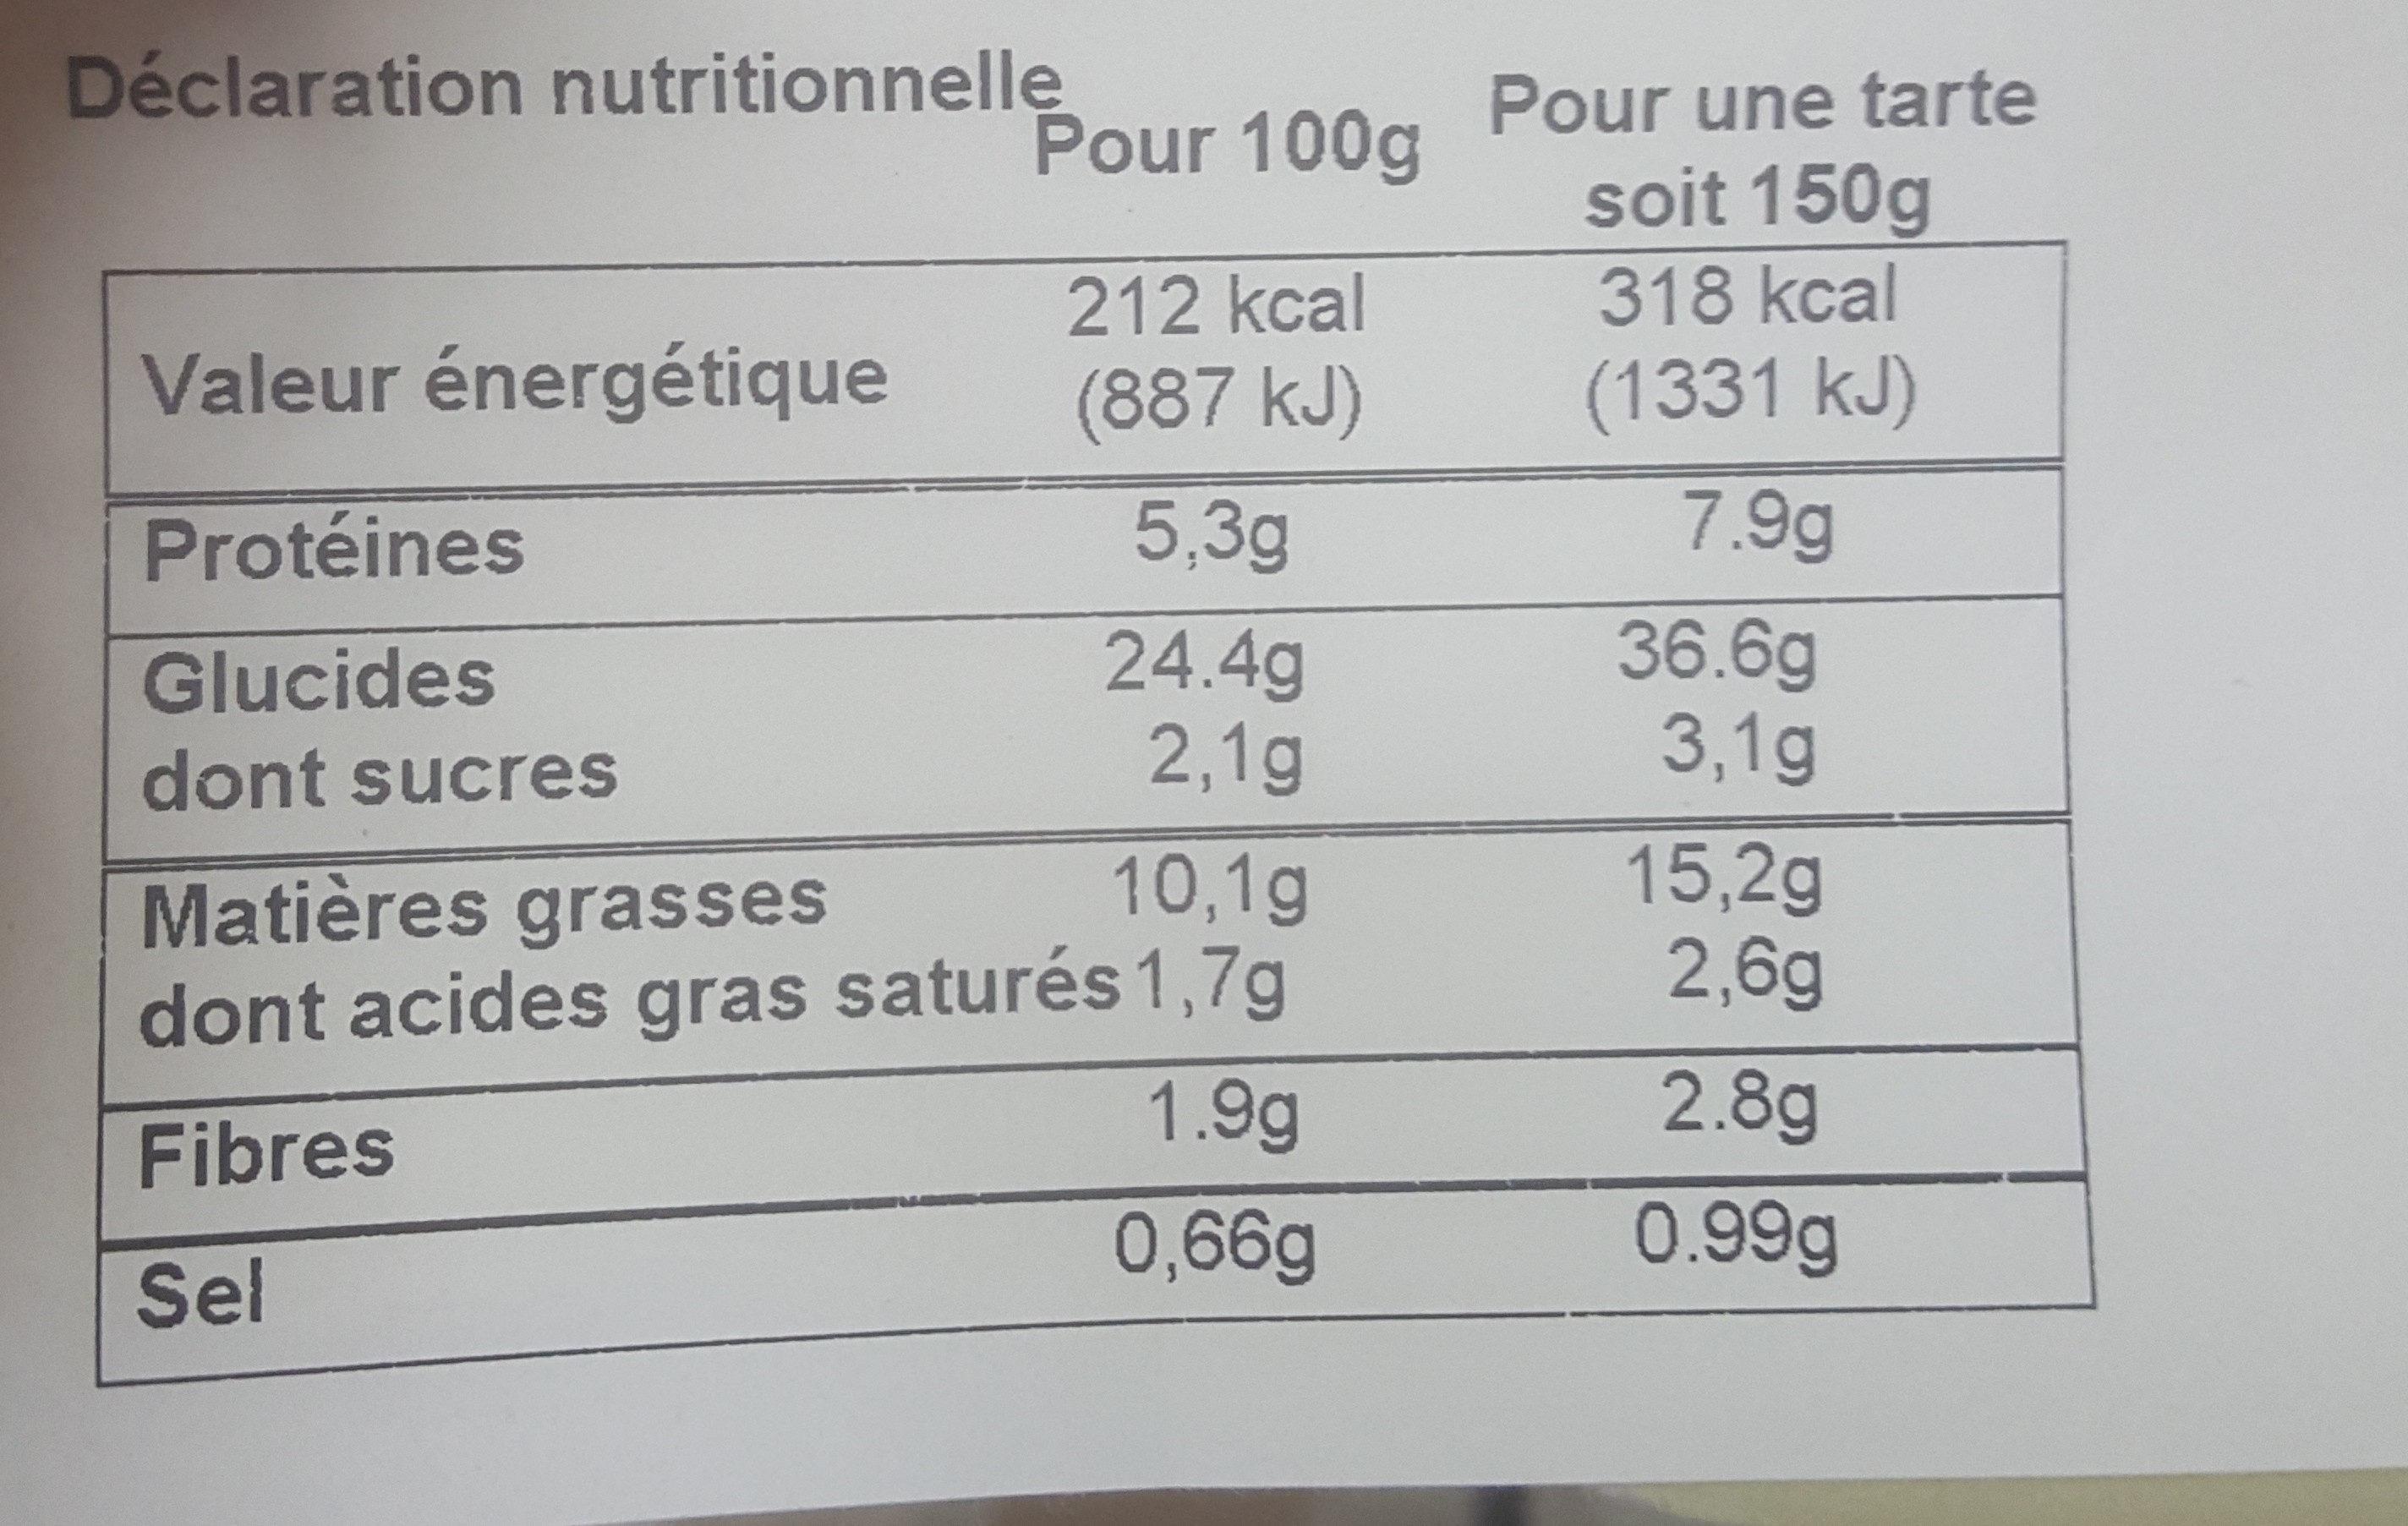 Tarte poireaux lardons - Voedingswaarden - fr